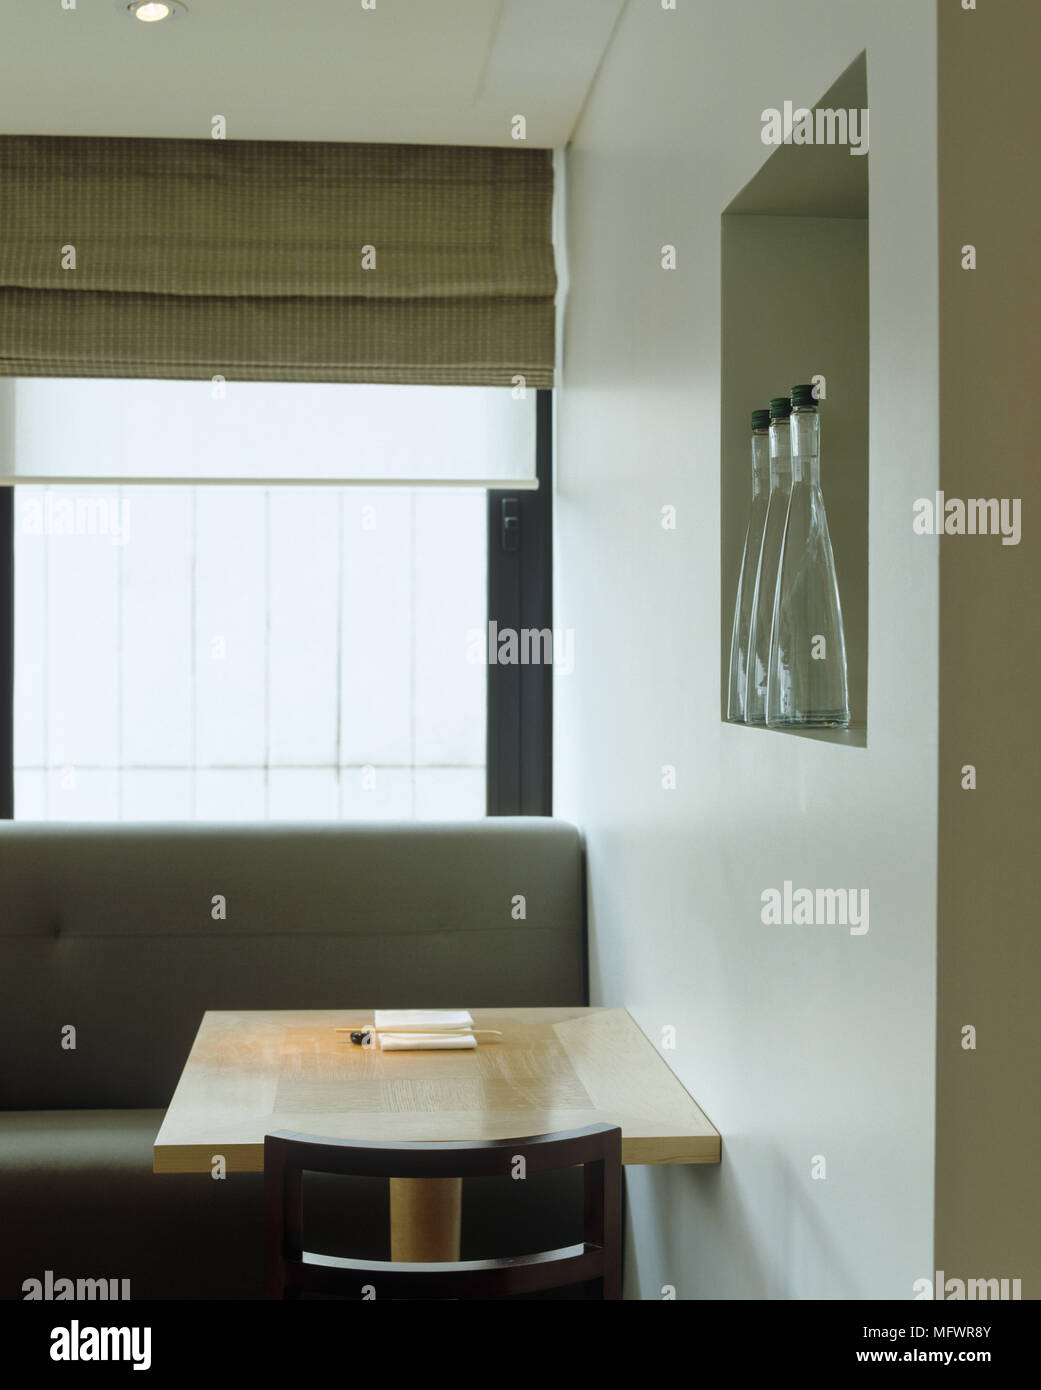 Holz  Tisch Und Sitzbänke Unter Fenster Mit Römischen Blind